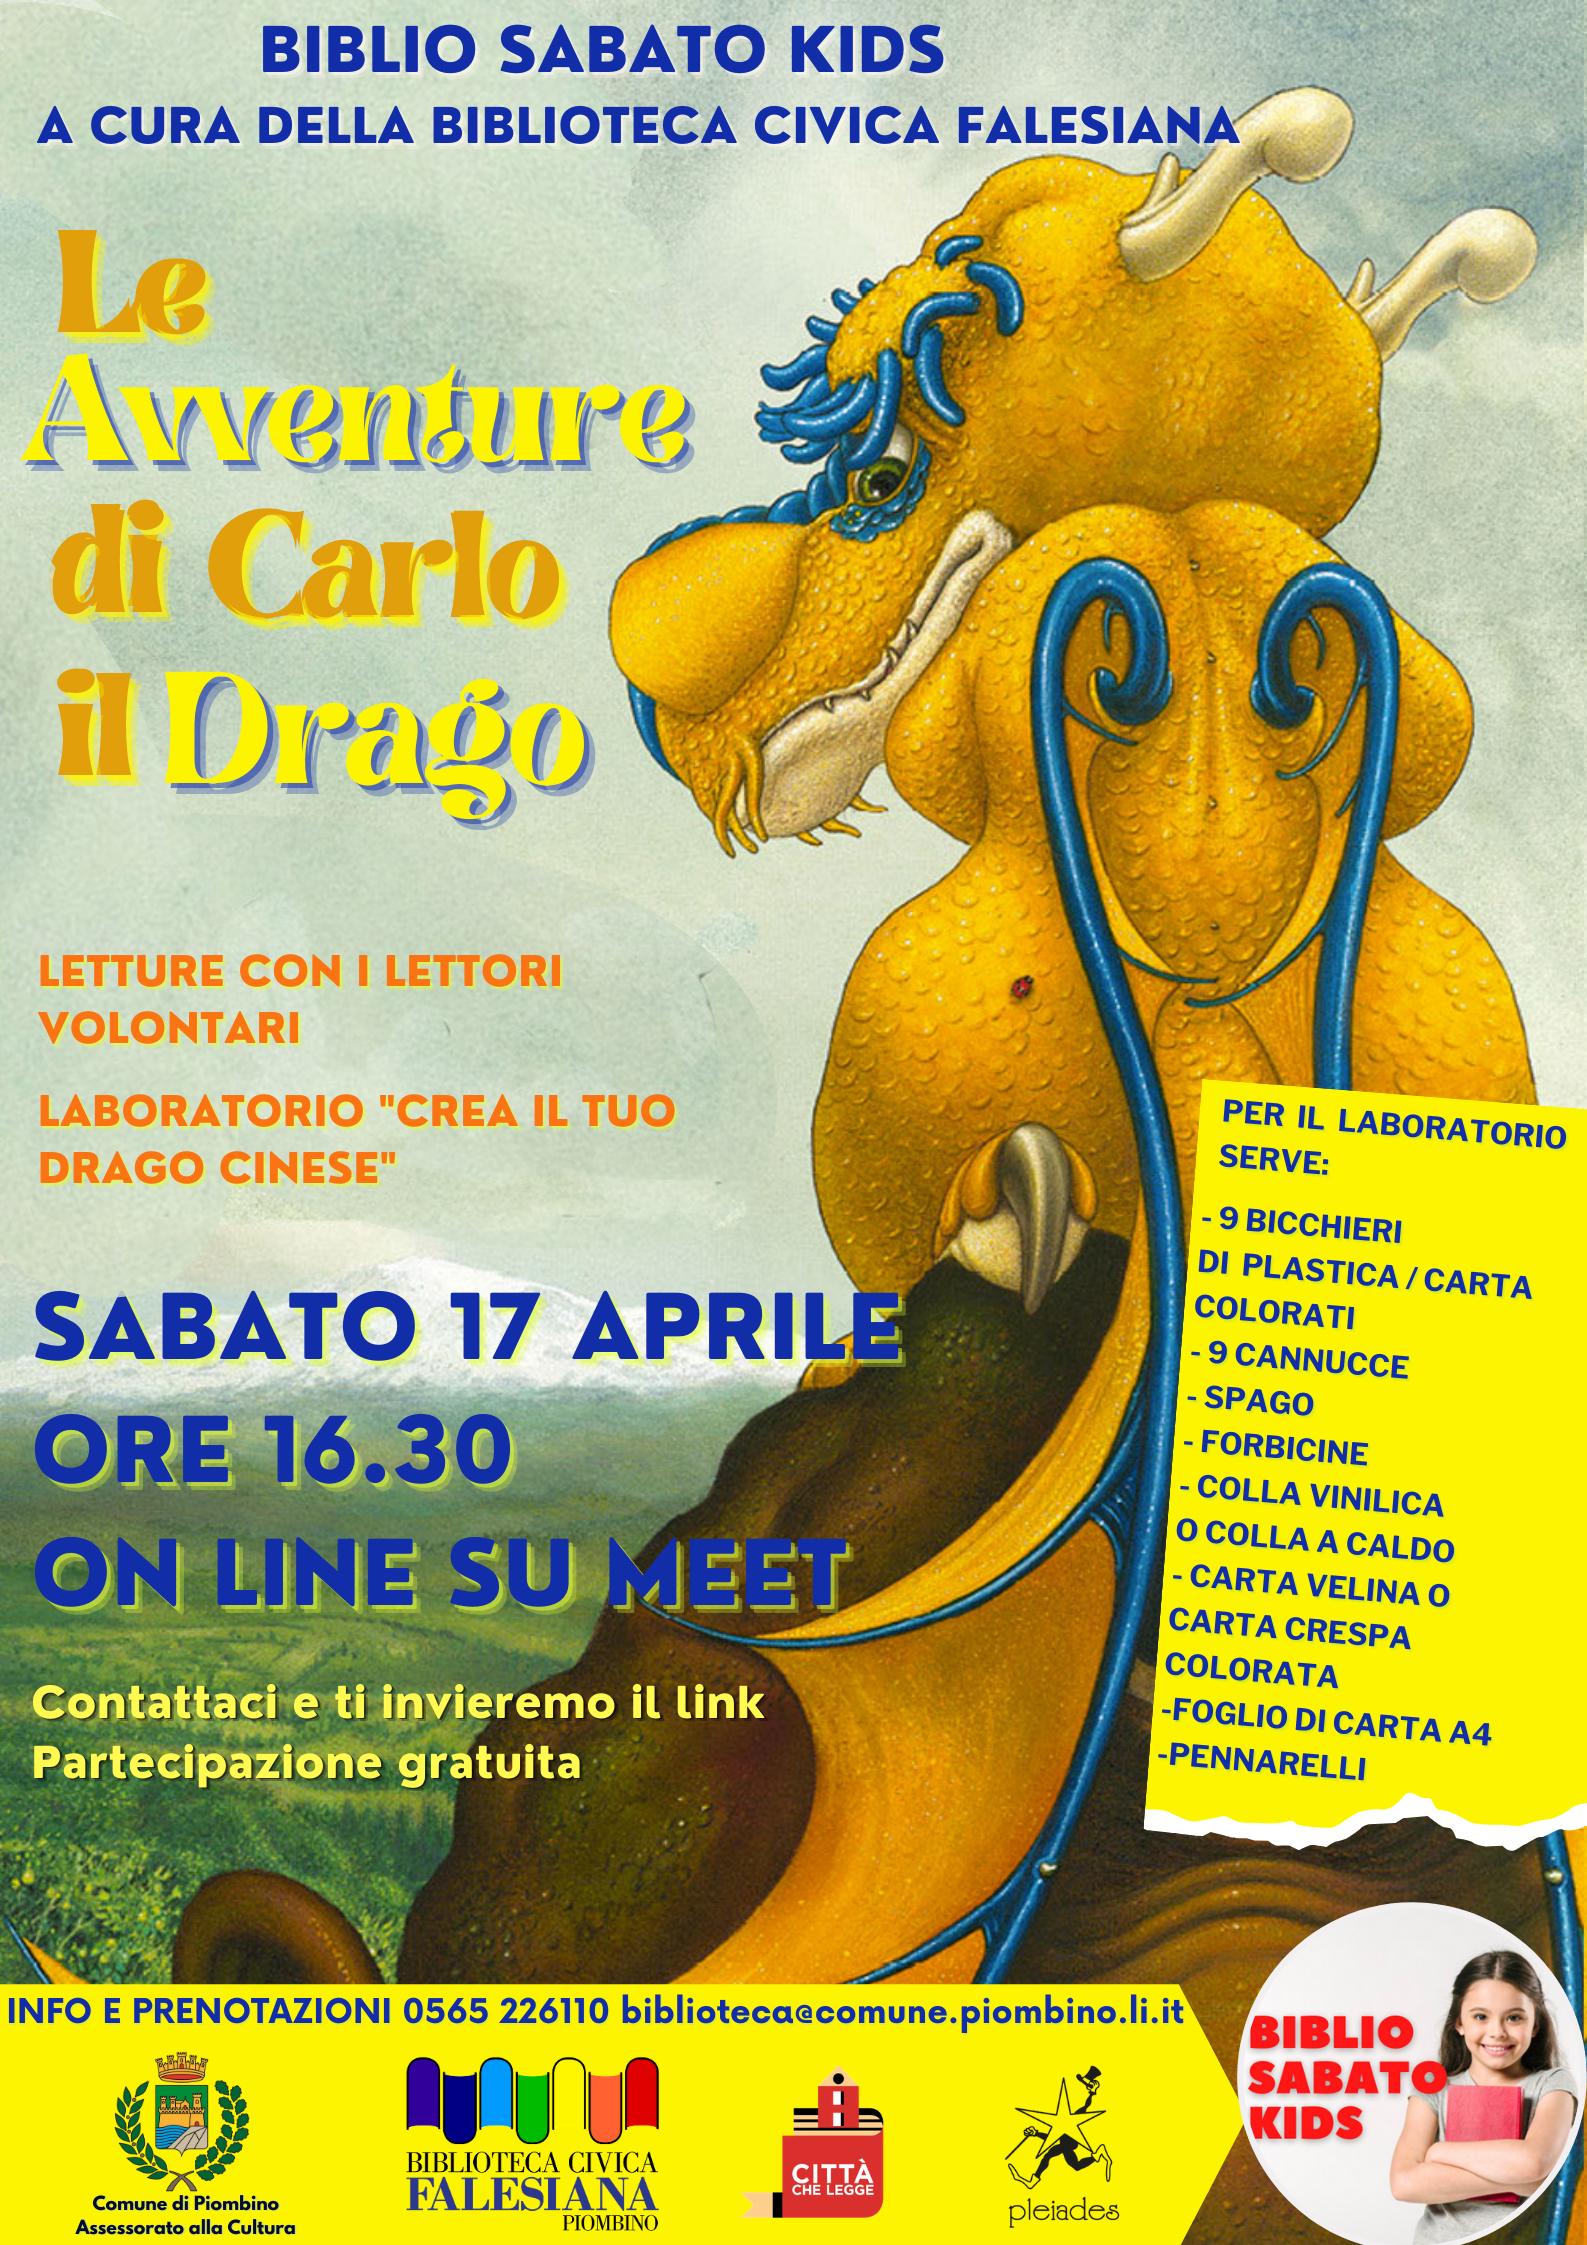 Sabato Biblio Kids, un nuovo appuntamento dedicato alle avventure di Carlo il drago